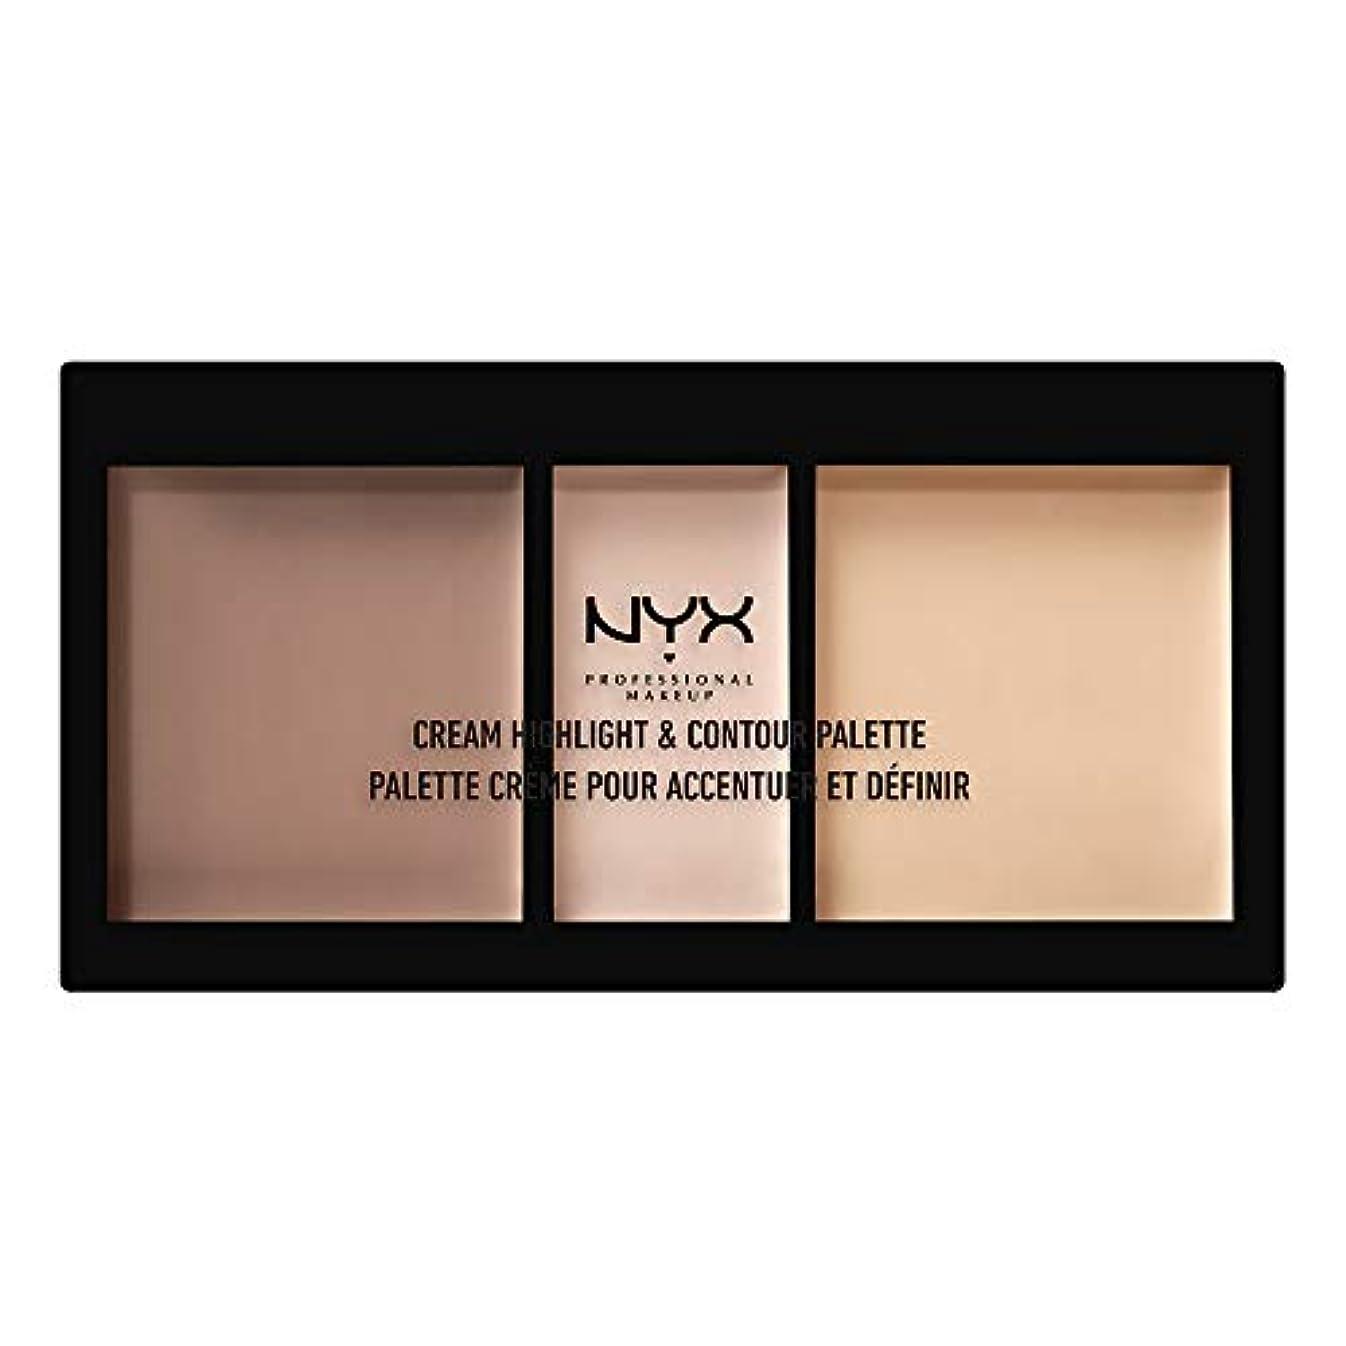 難しい水没割り当てNYX(ニックス) クリーム ハイライト&コントゥアー パレット 01 カラー?ライト フェイスパレット